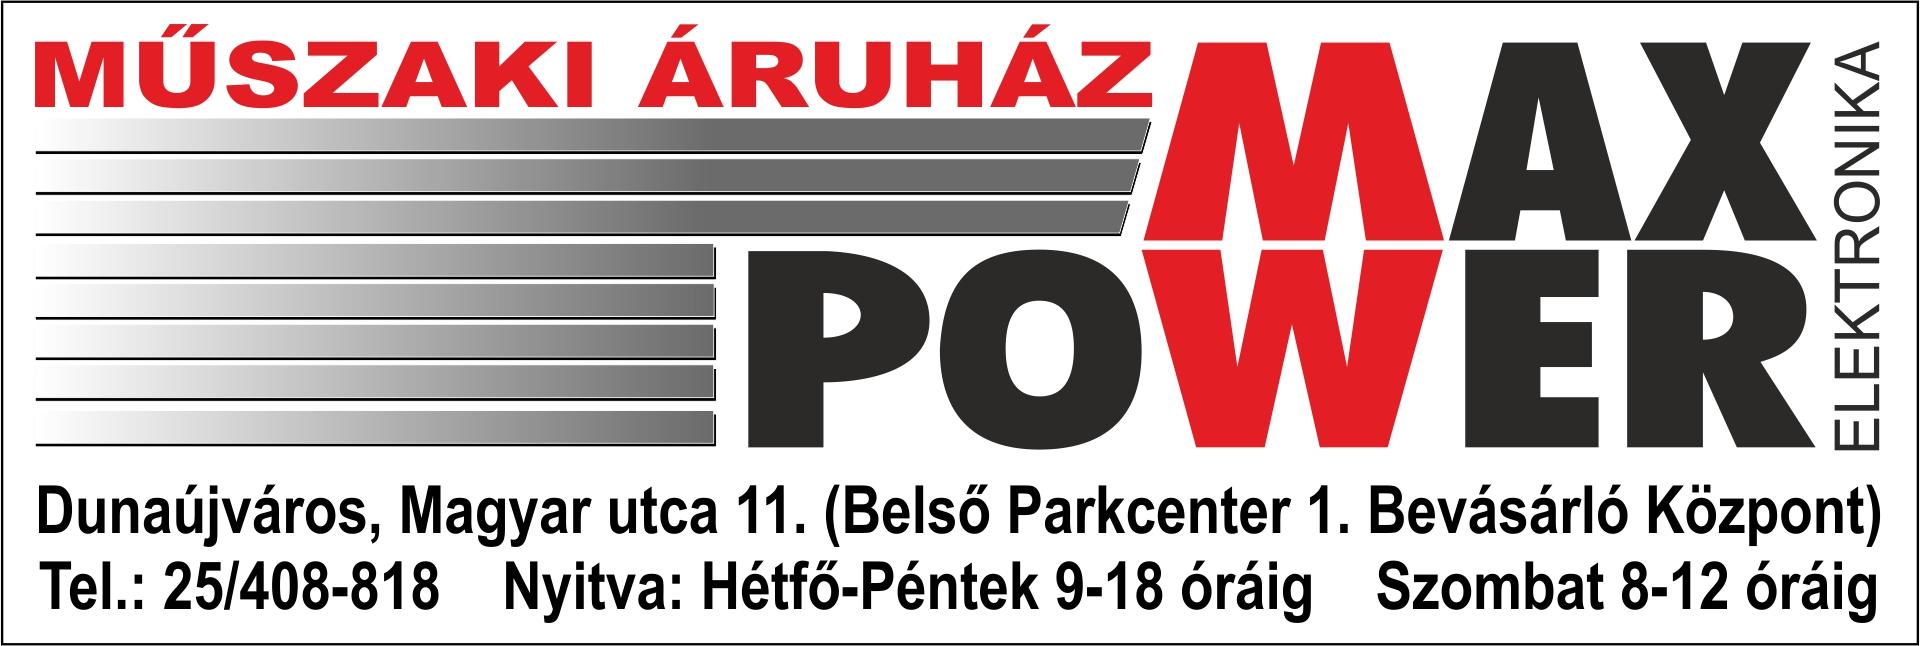 DUNAÚJVÁROSINFO-Max Power Műszaki áruház